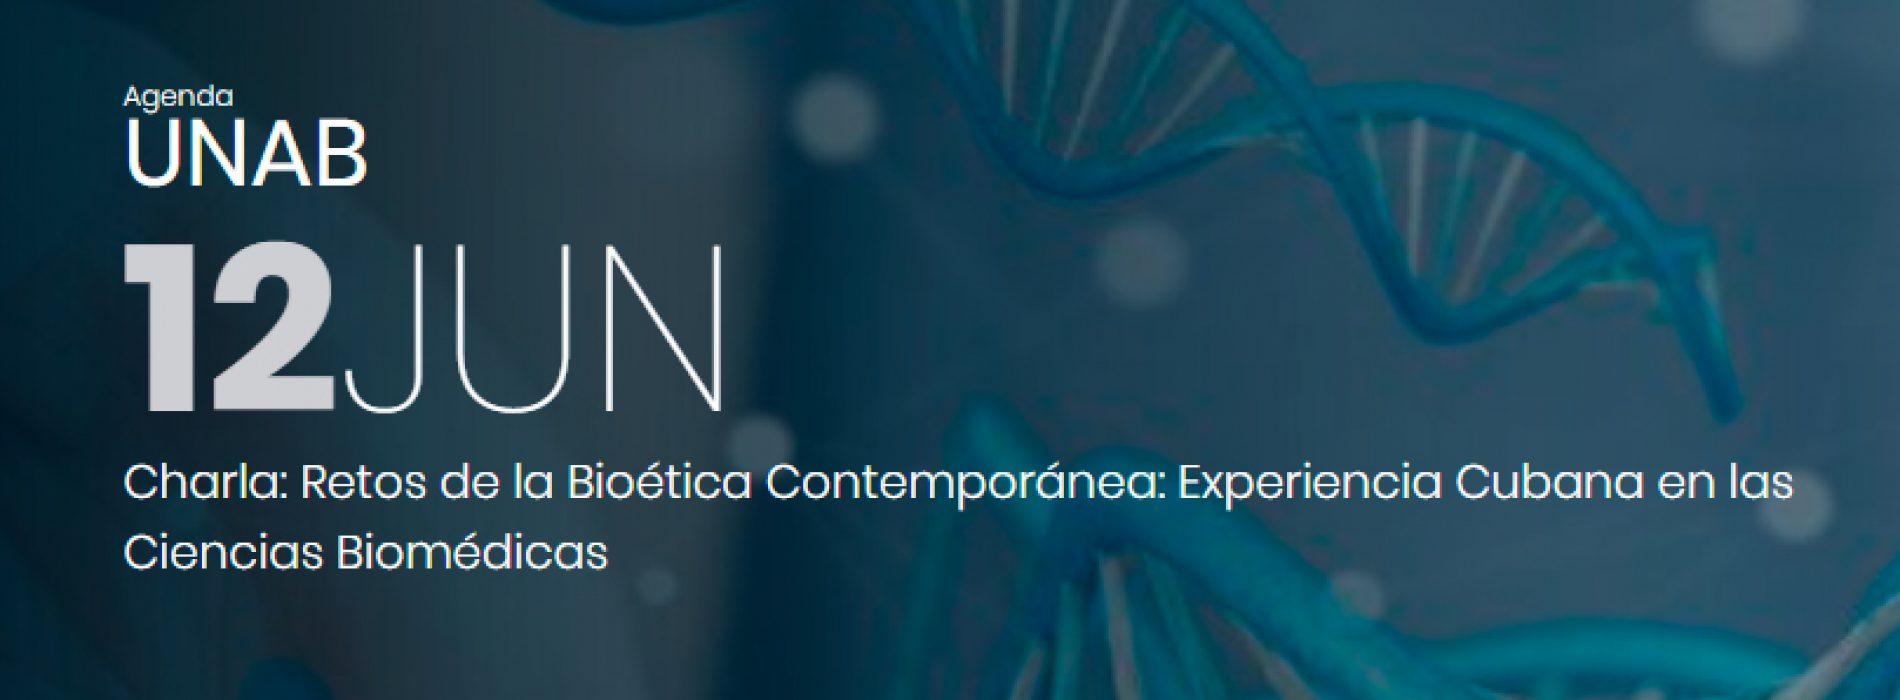 Charla: Retos de la Bioética Contemporánea: Experiencia Cubana en las Ciencias Biomédicas